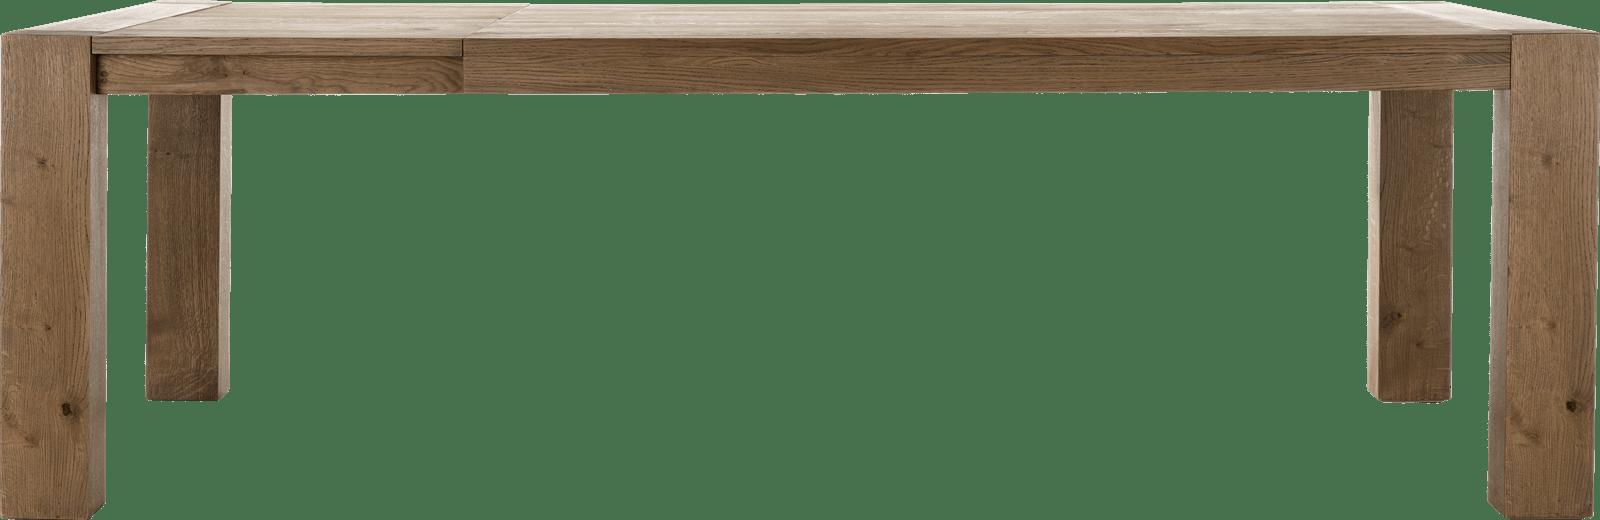 Santorini - uitschuiftafel 190 (+ 60) x 100 cm